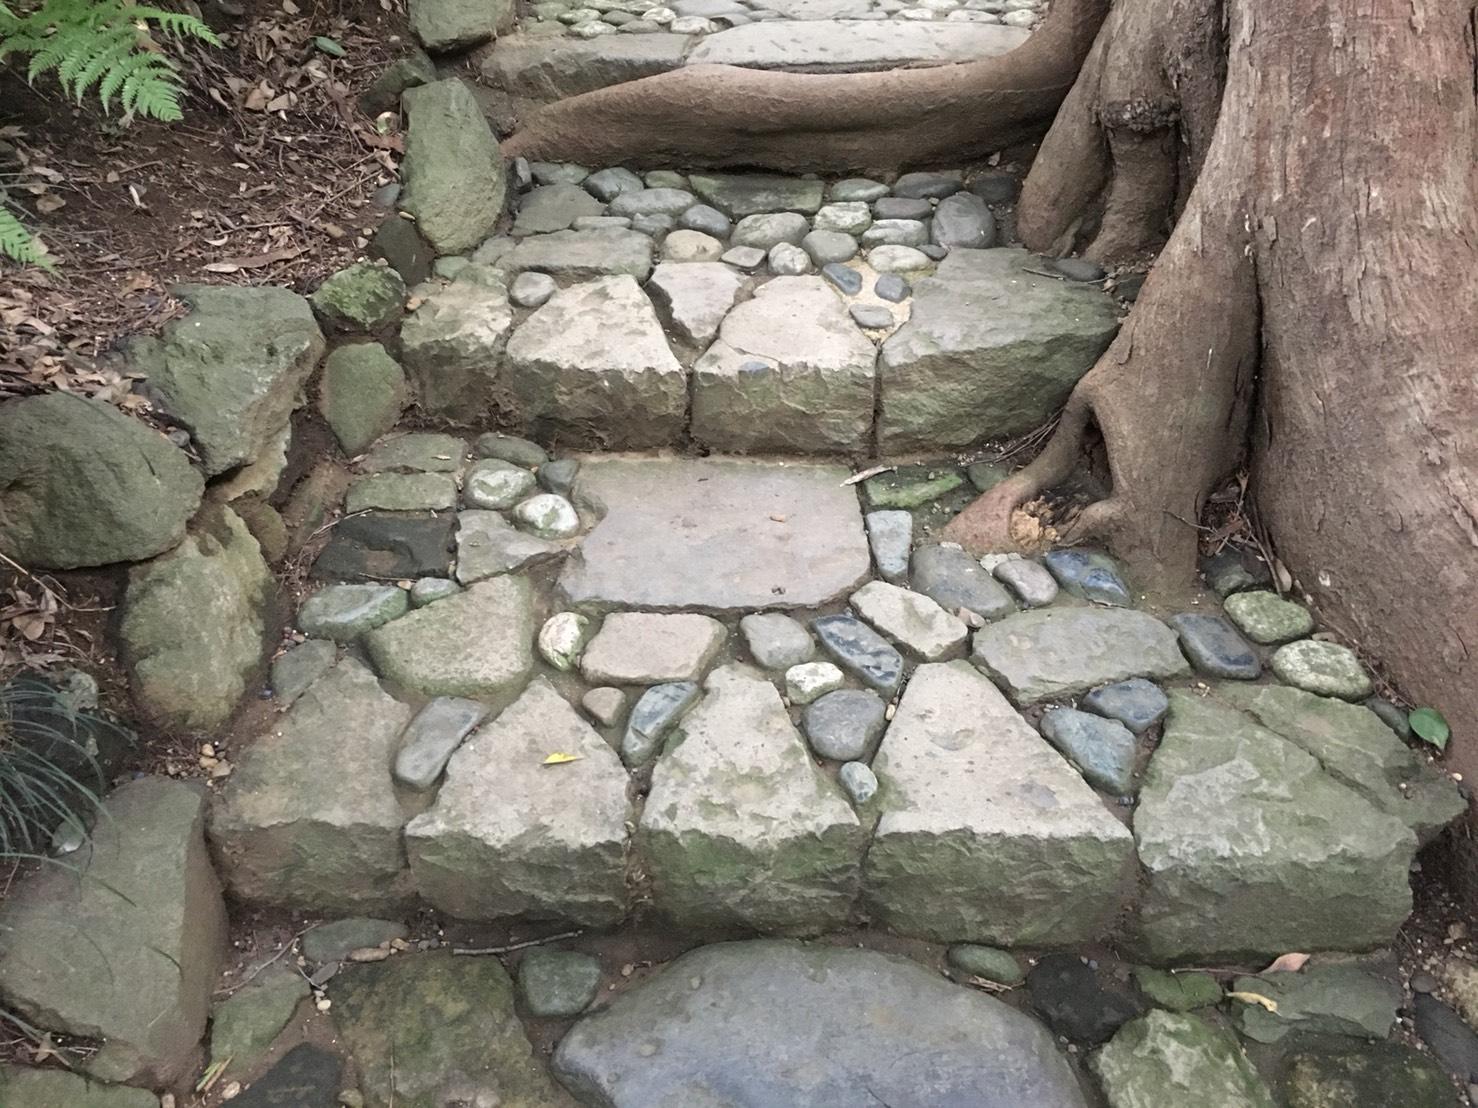 【飯田橋駅】江戸時代の中国趣味豊かな景観で一句「小石川後楽園」の庭園14